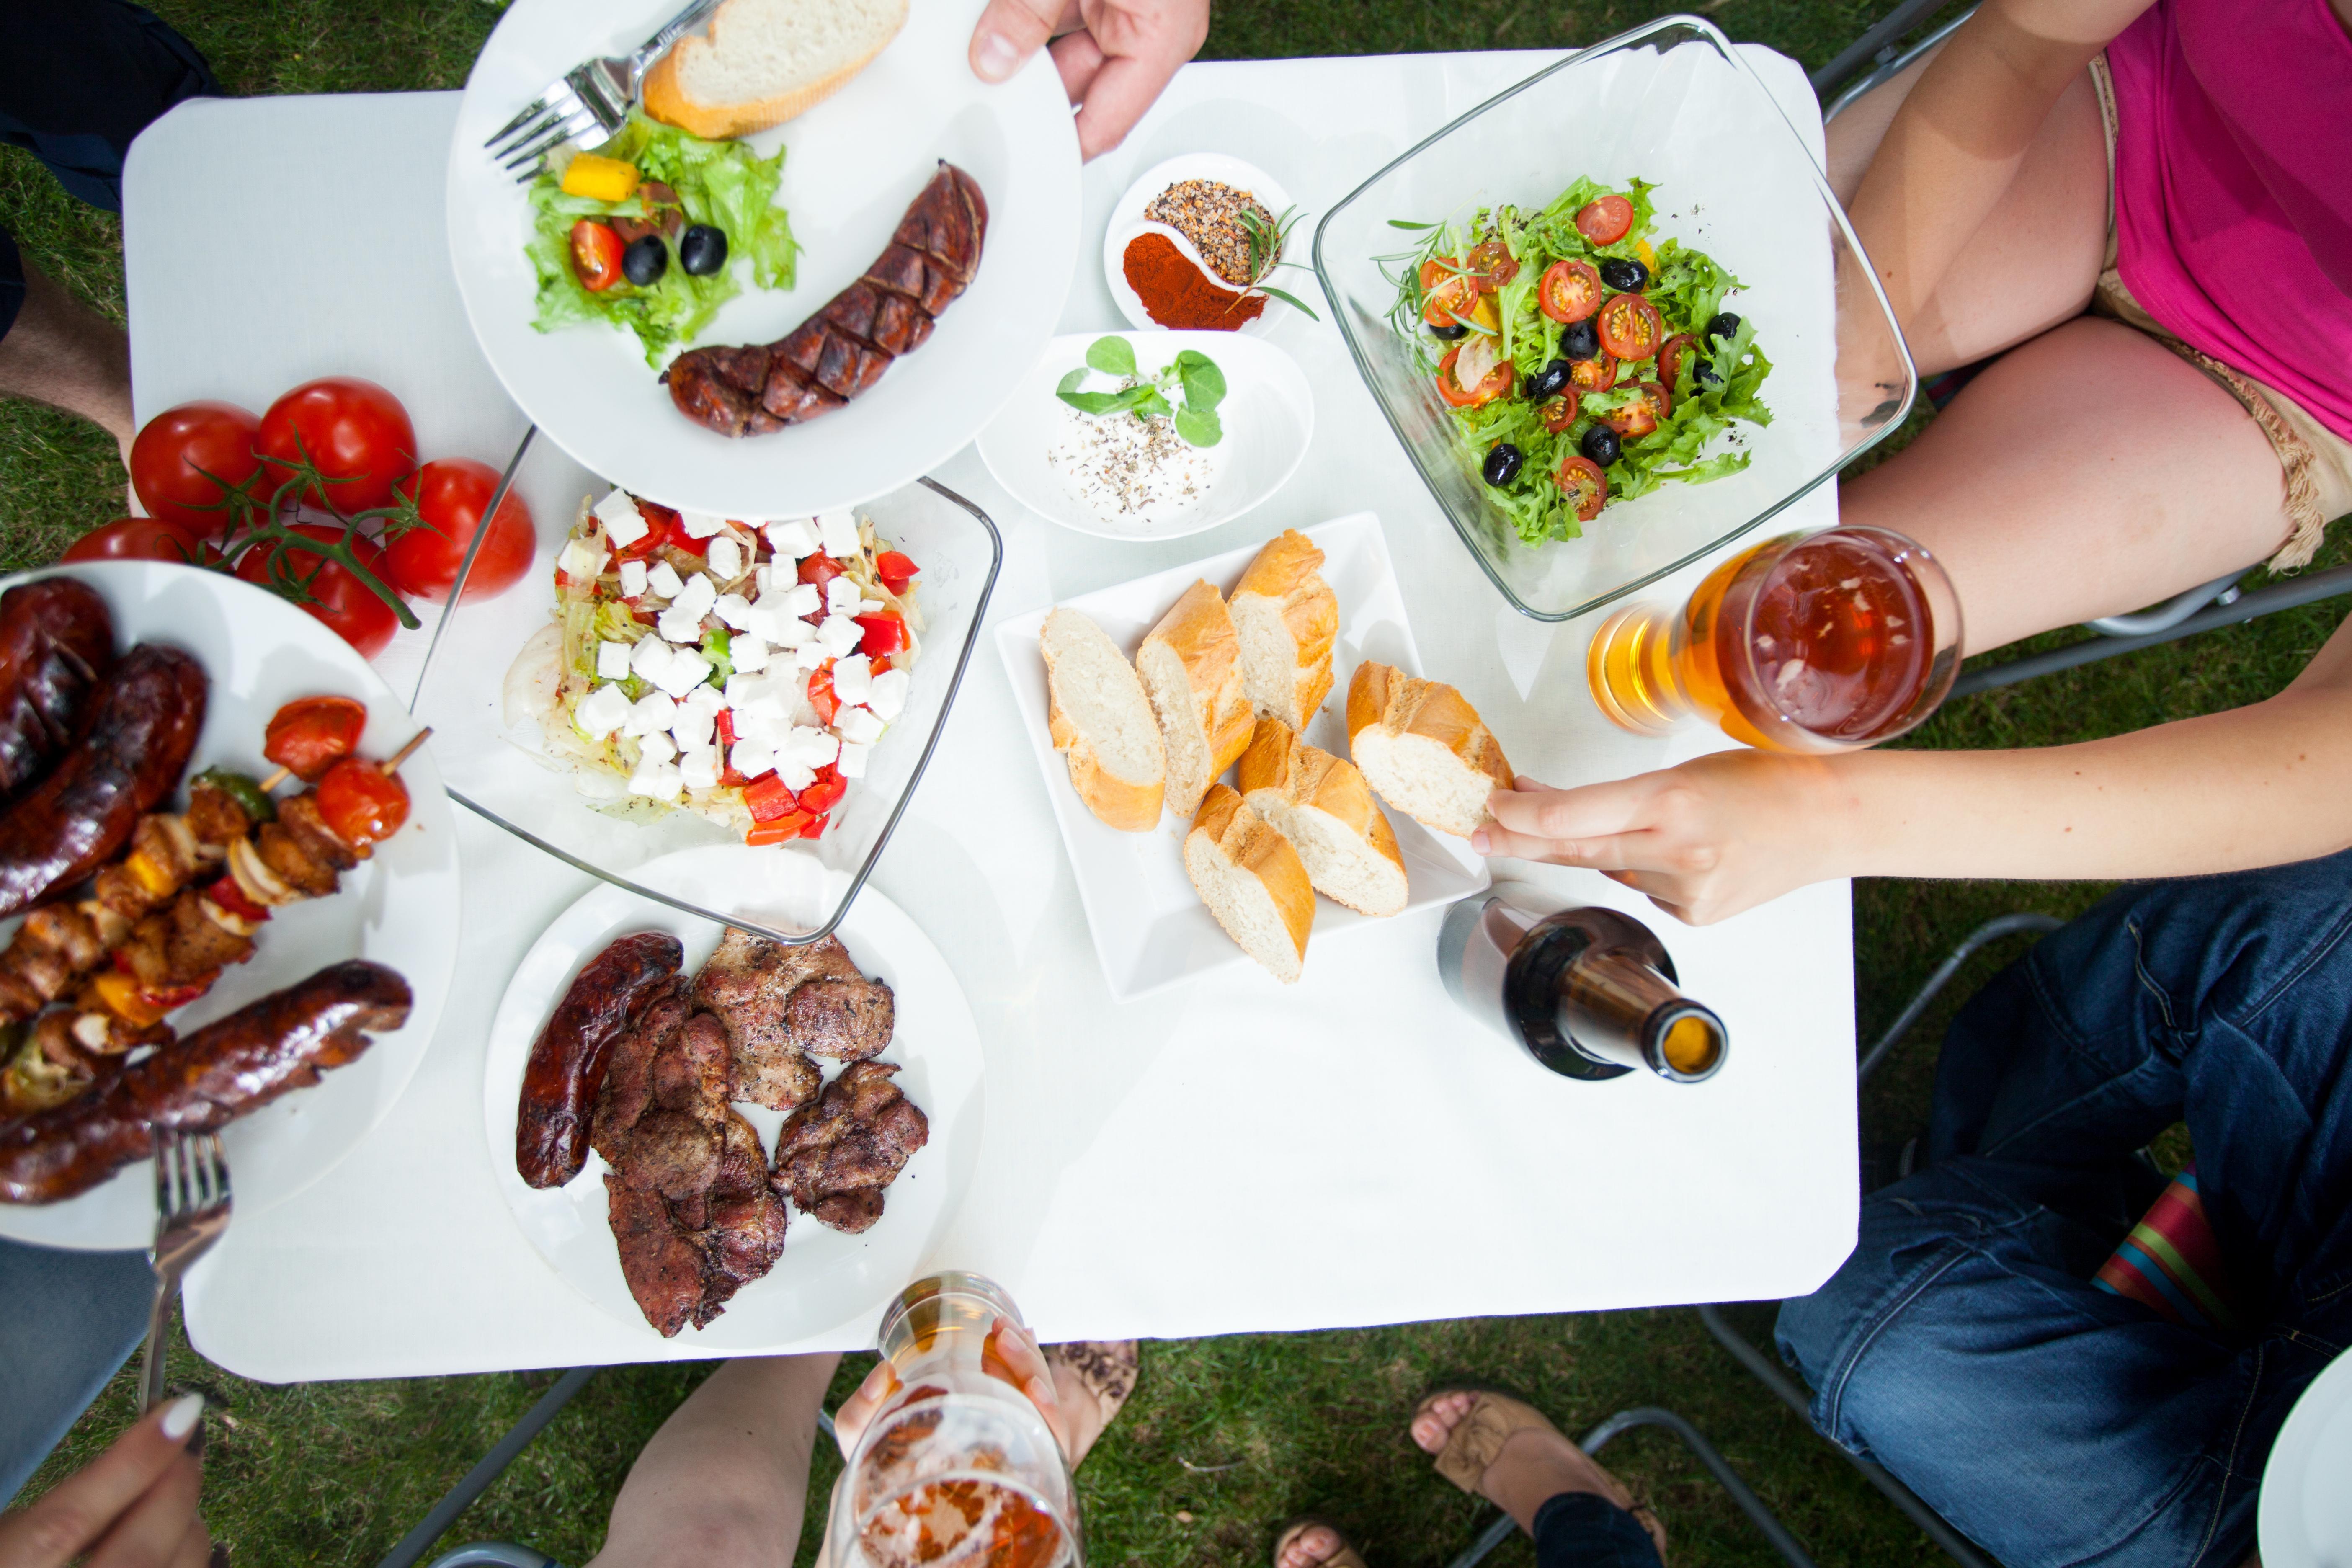 Redan tidigt förstår vi det sociala förhållandet vid måltider vilket i sin tur påverkar val av maträtter.